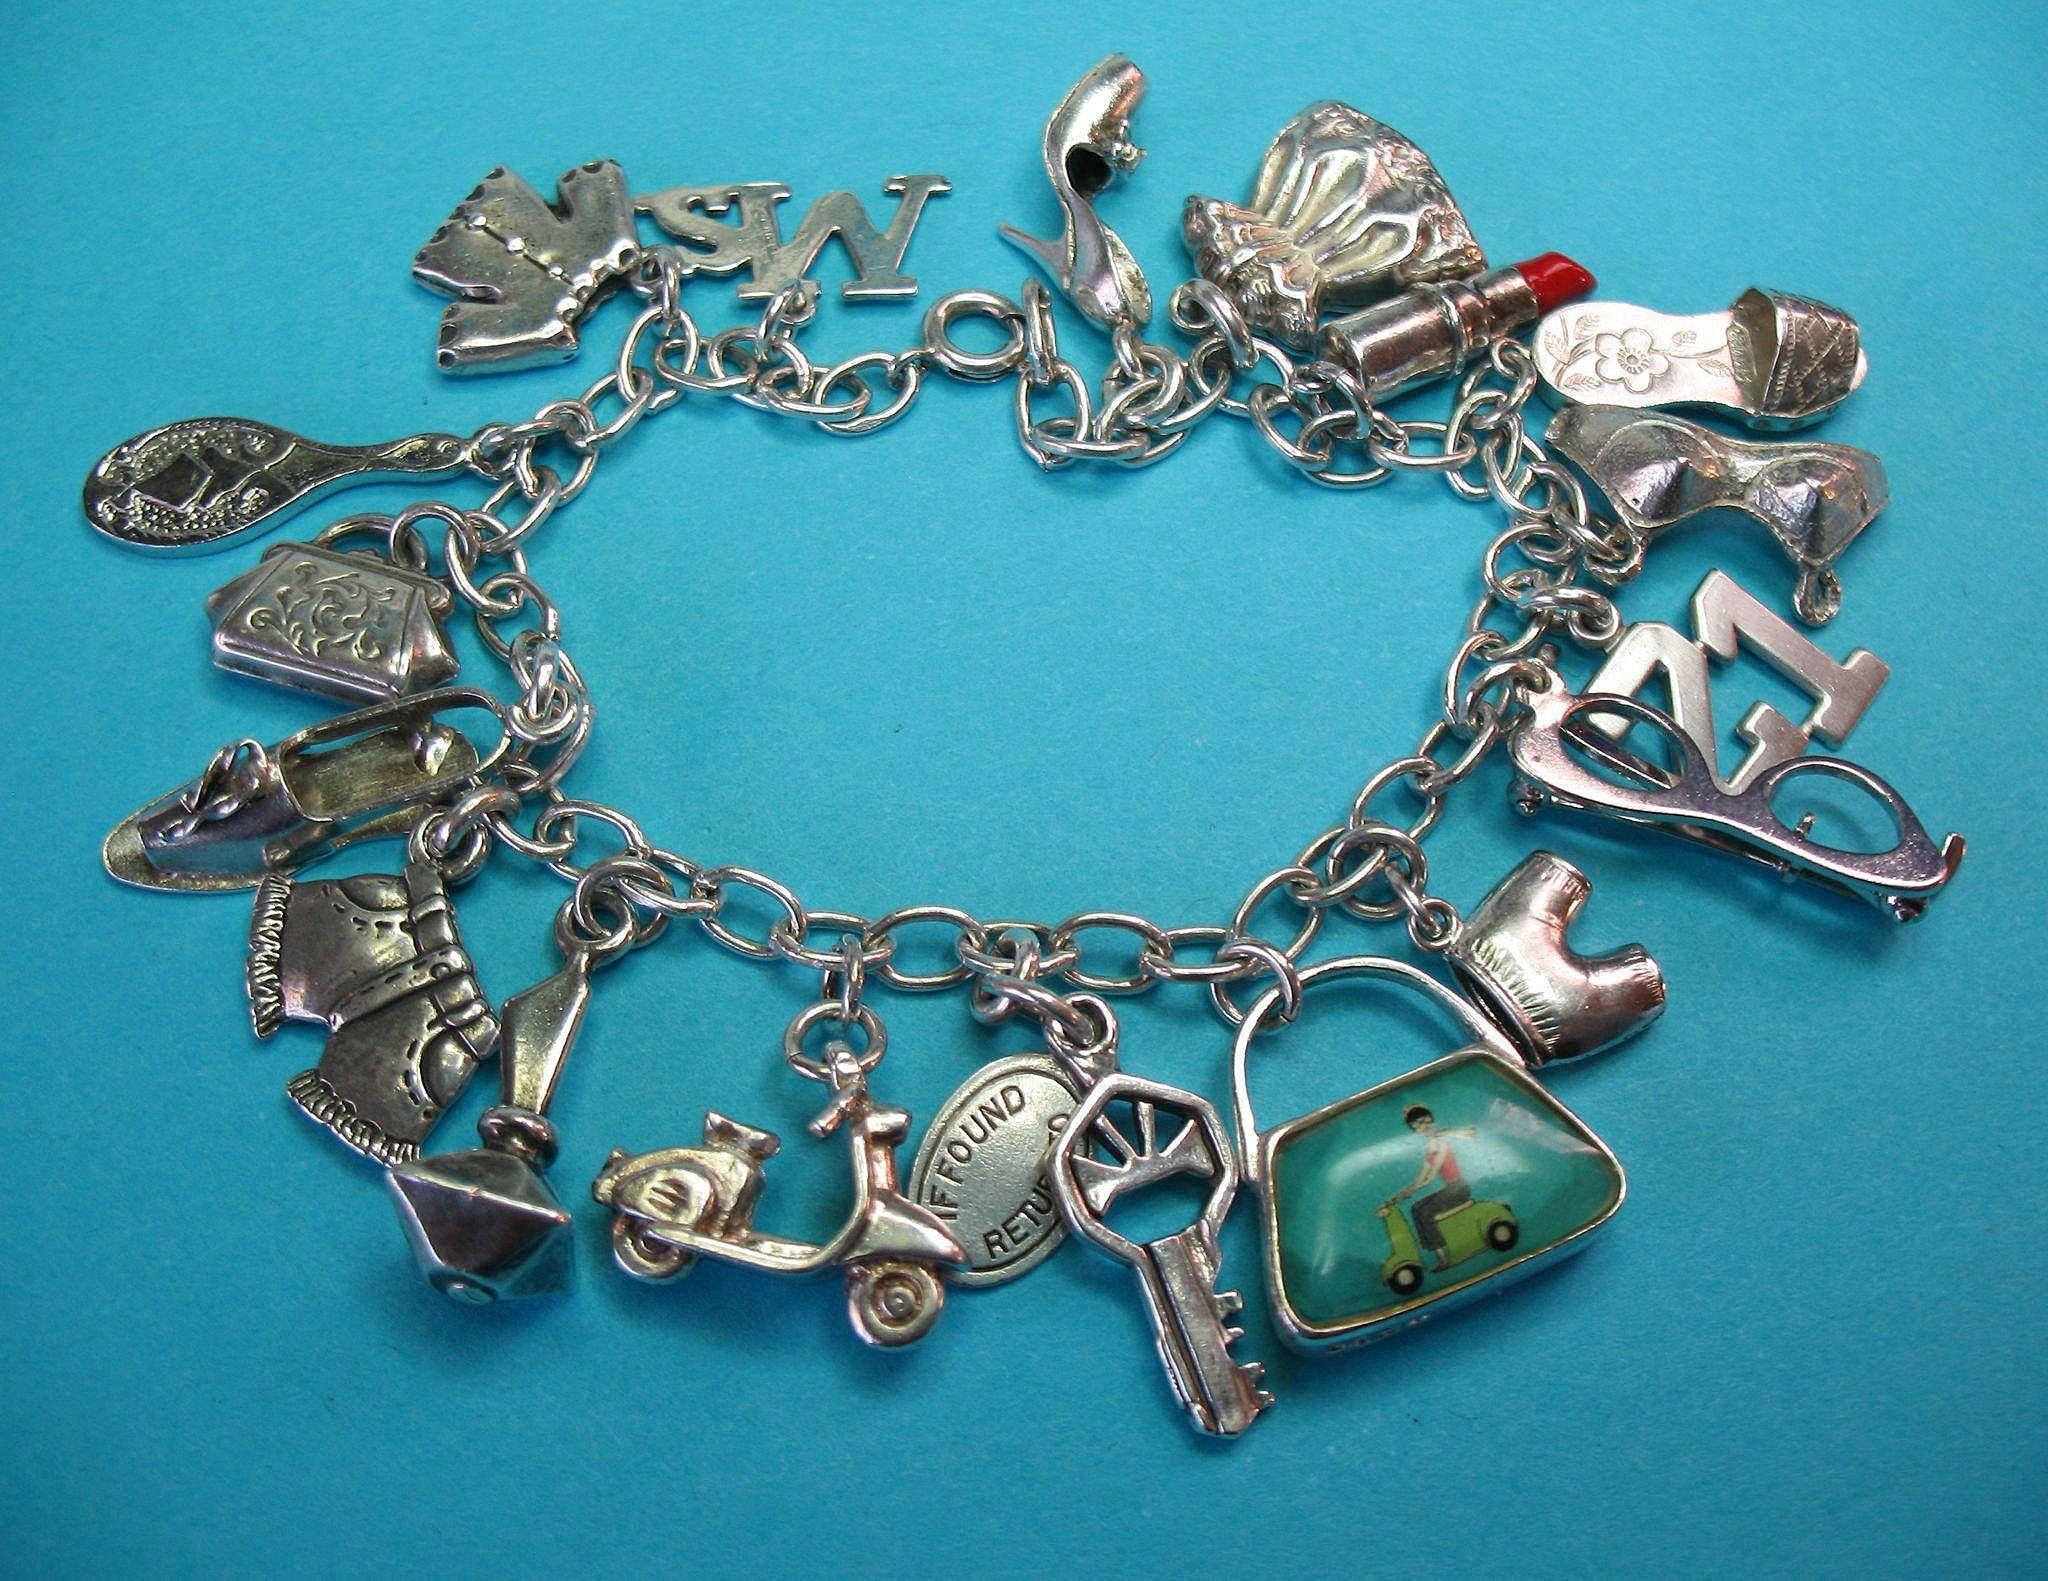 Vintage Sterling Ms. Themed Charm Bracelet For Age 21